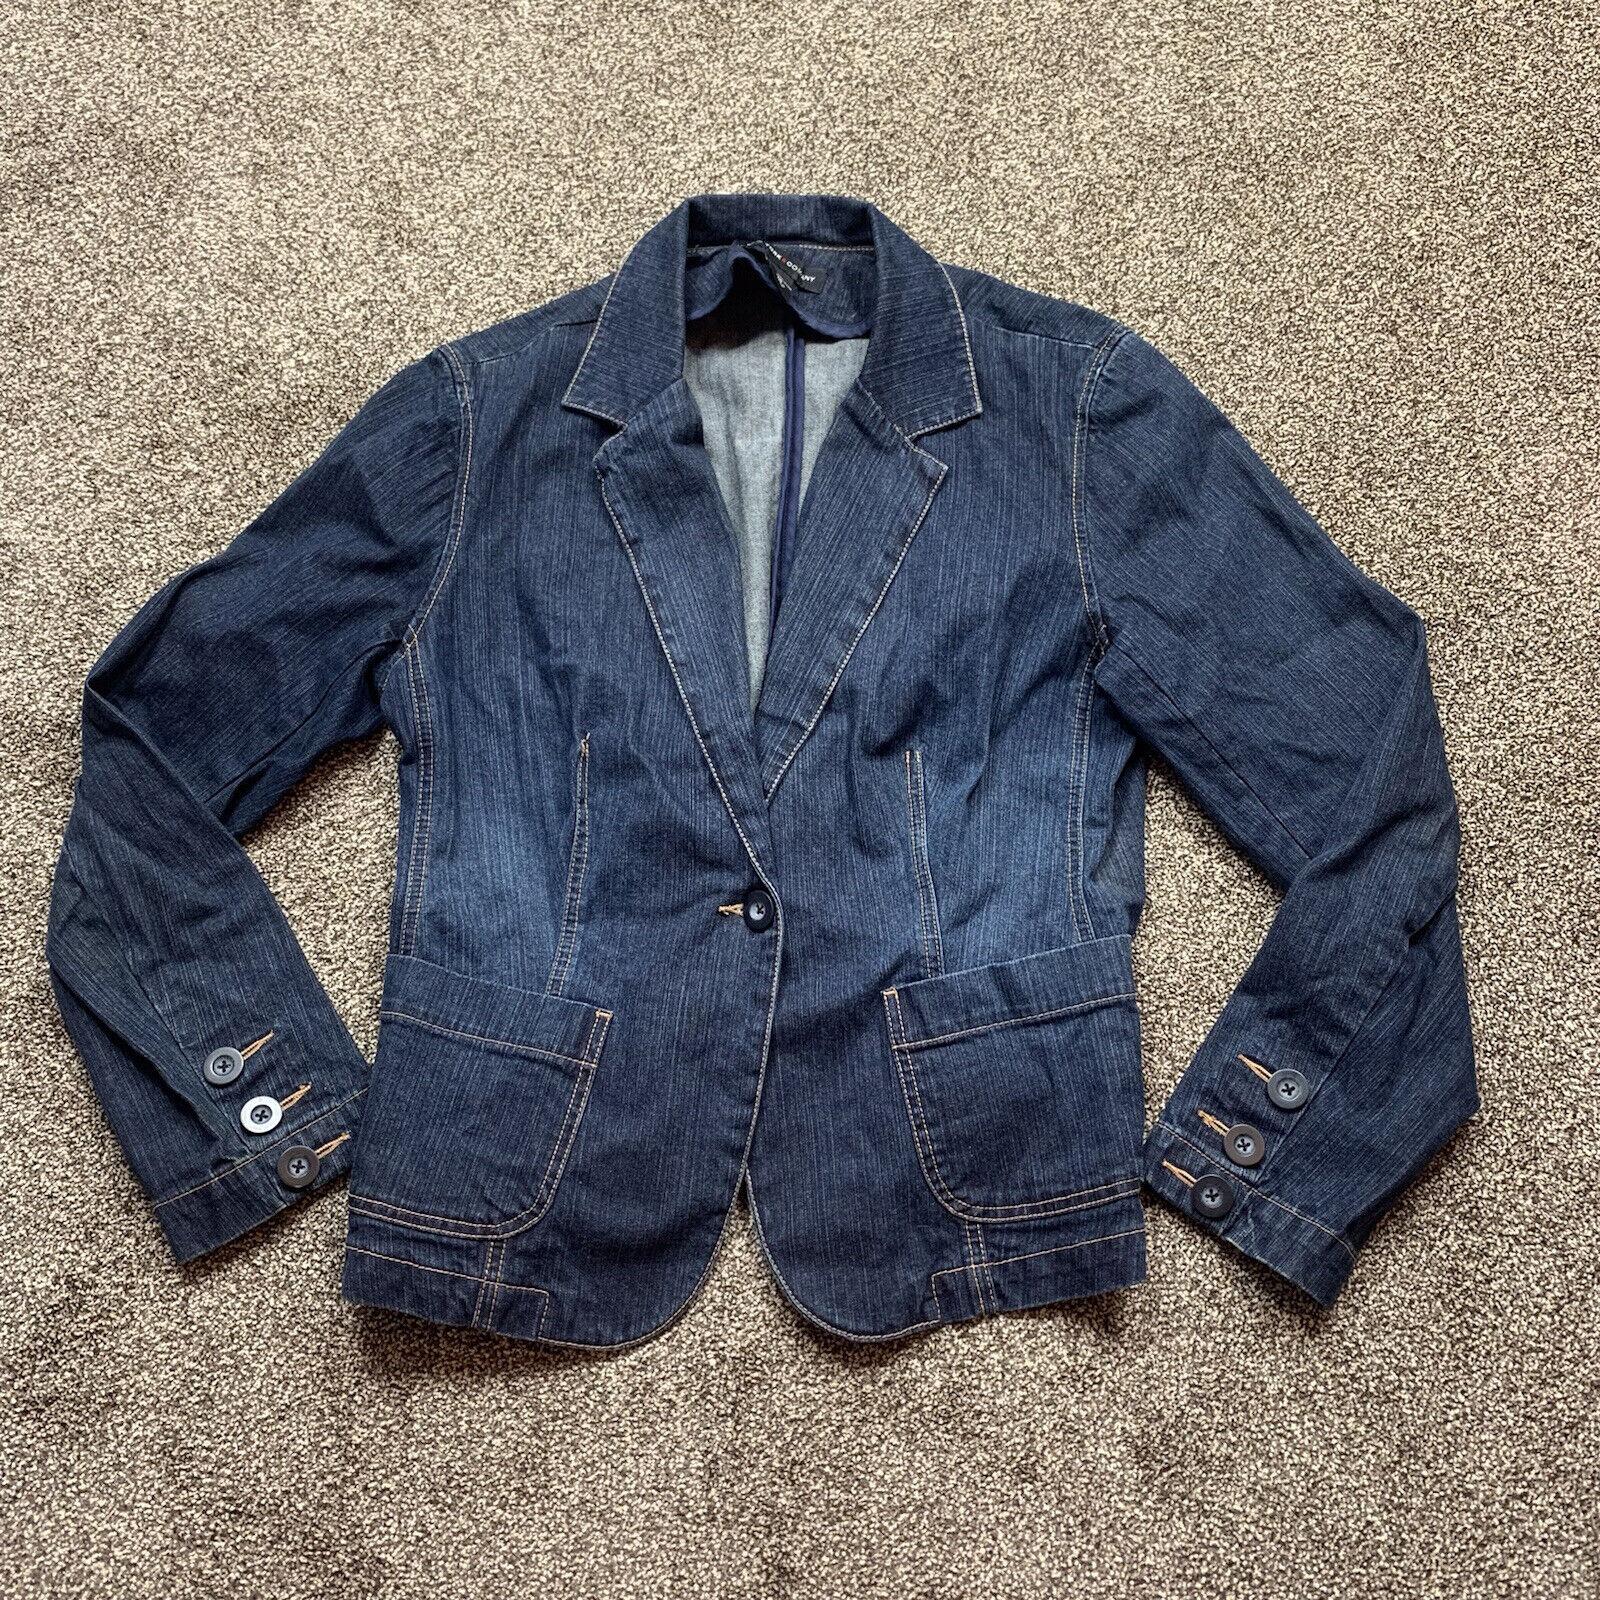 new york & company womens size 12 blue denim blazer jacket